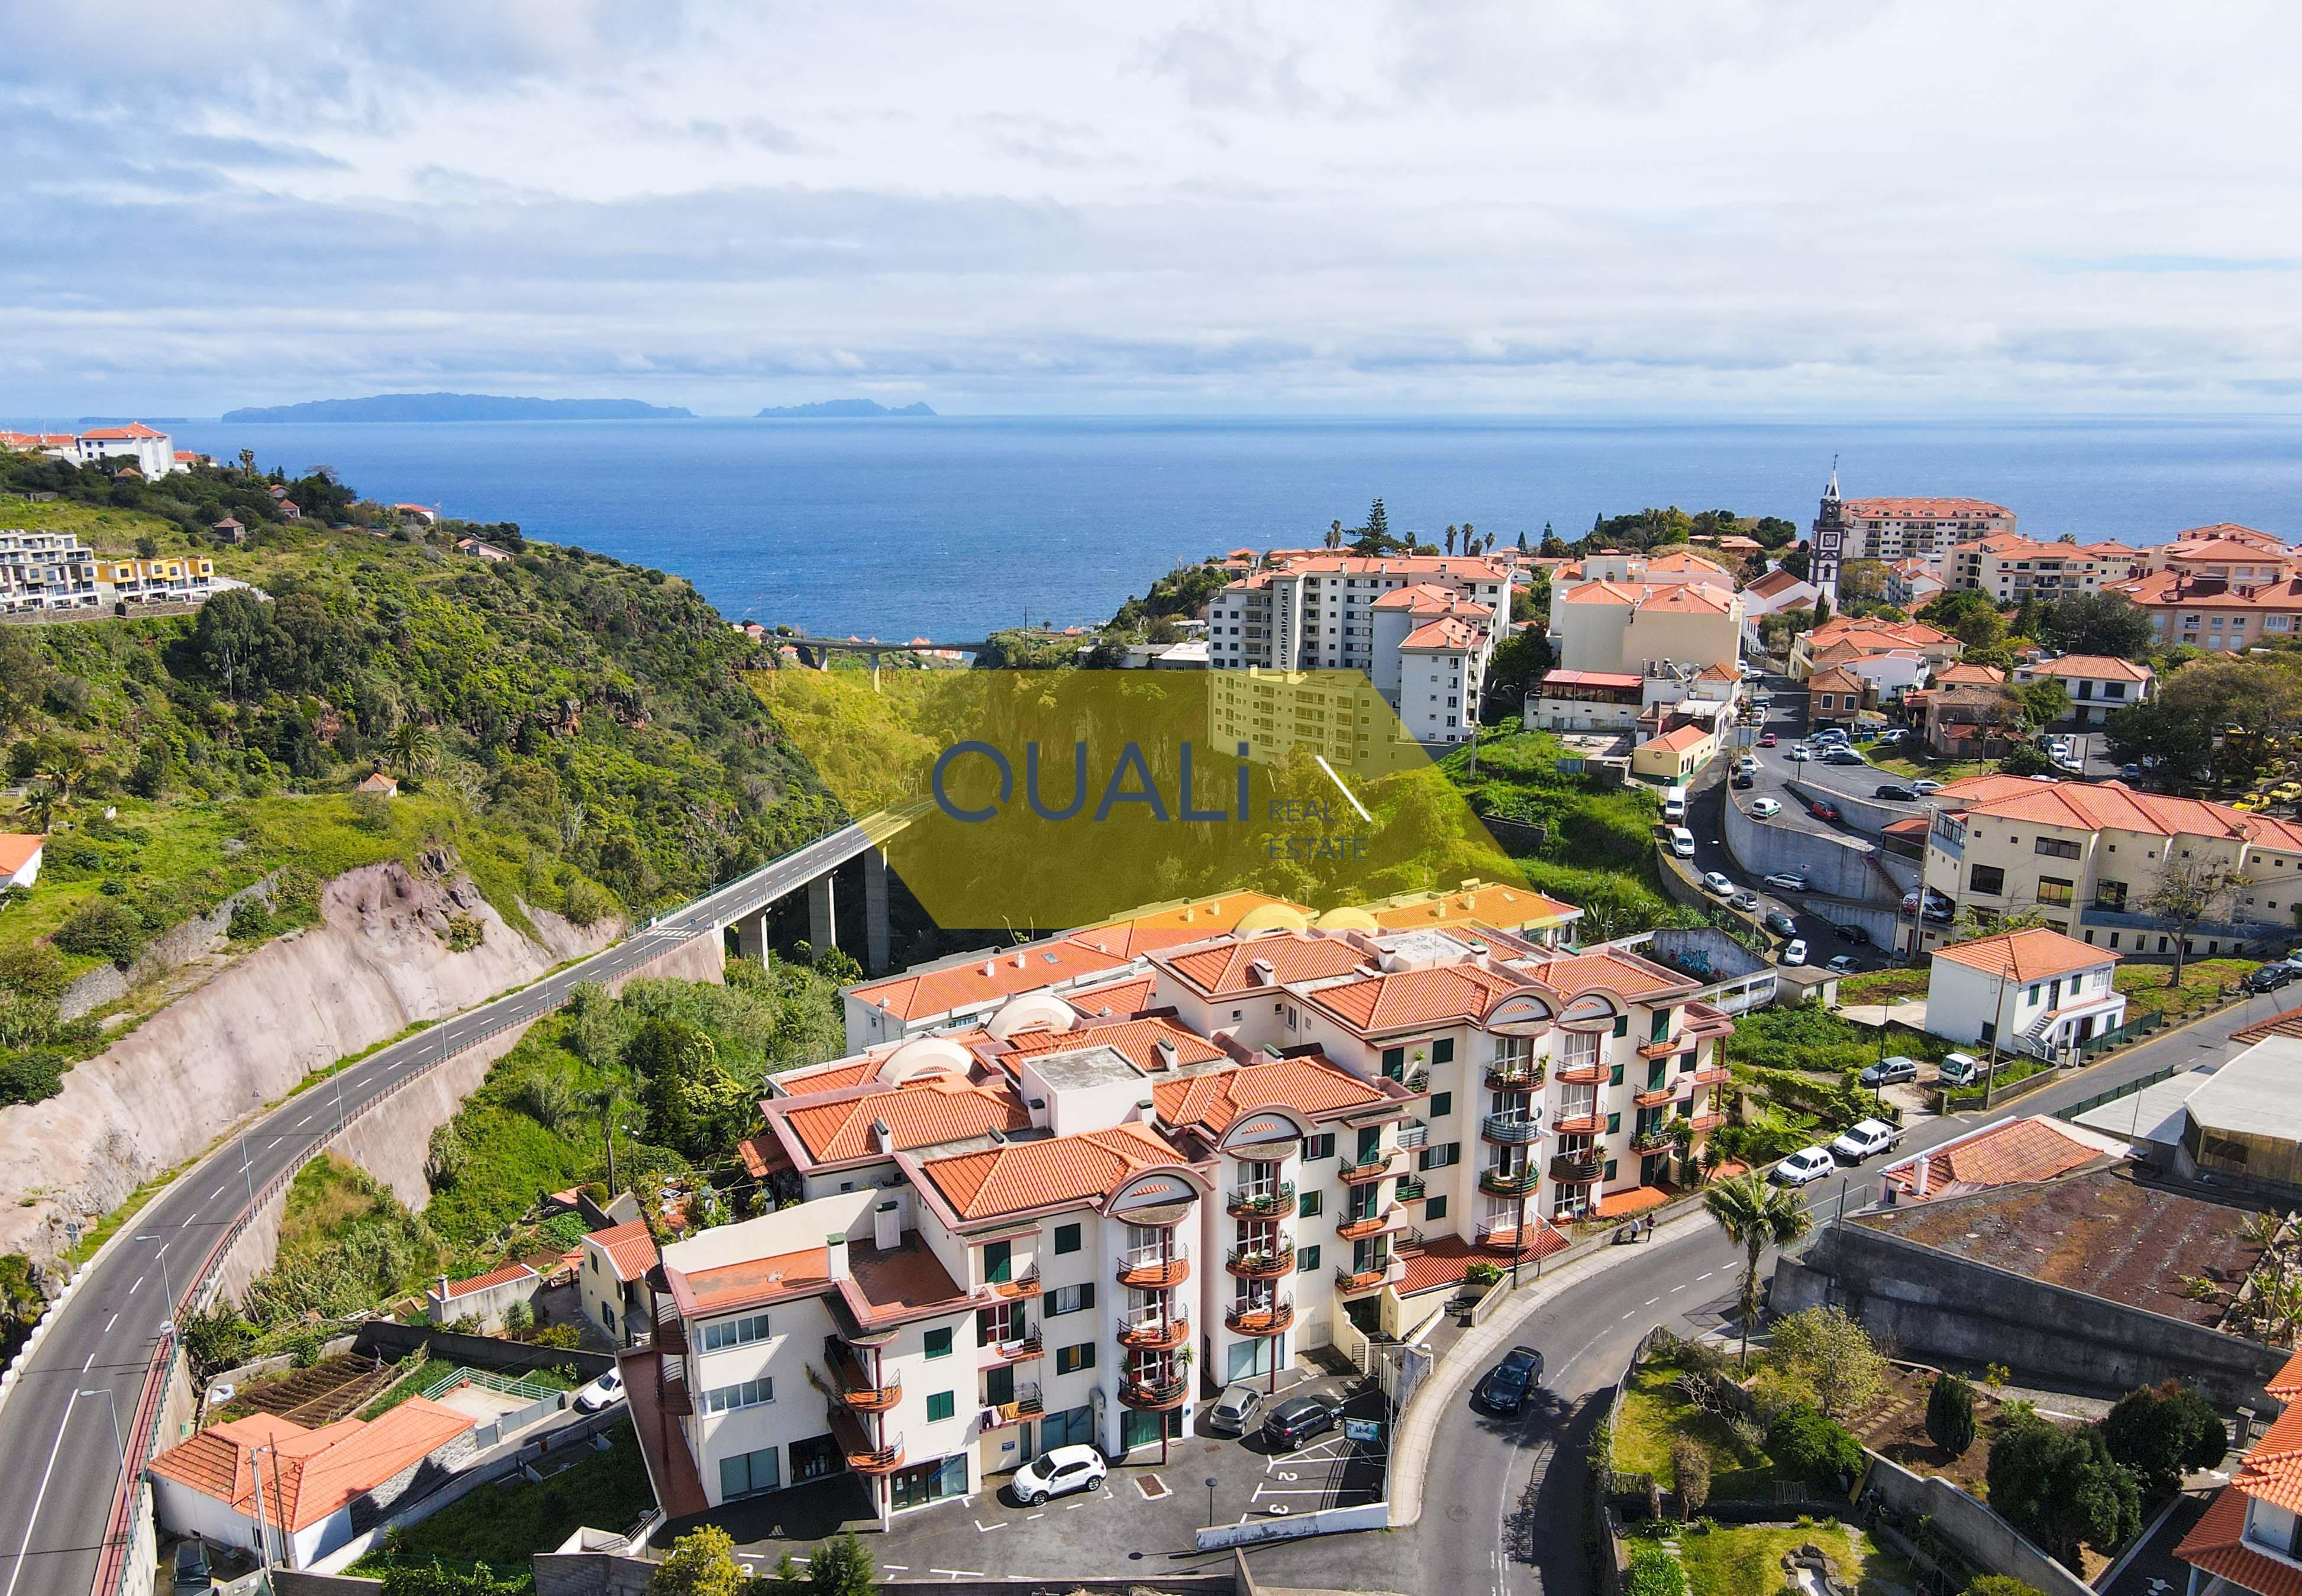 Appartamento con 3 camere da letto nel centro di Caniço, Sta Cruz, Isola di Madeira - € 155.000,00